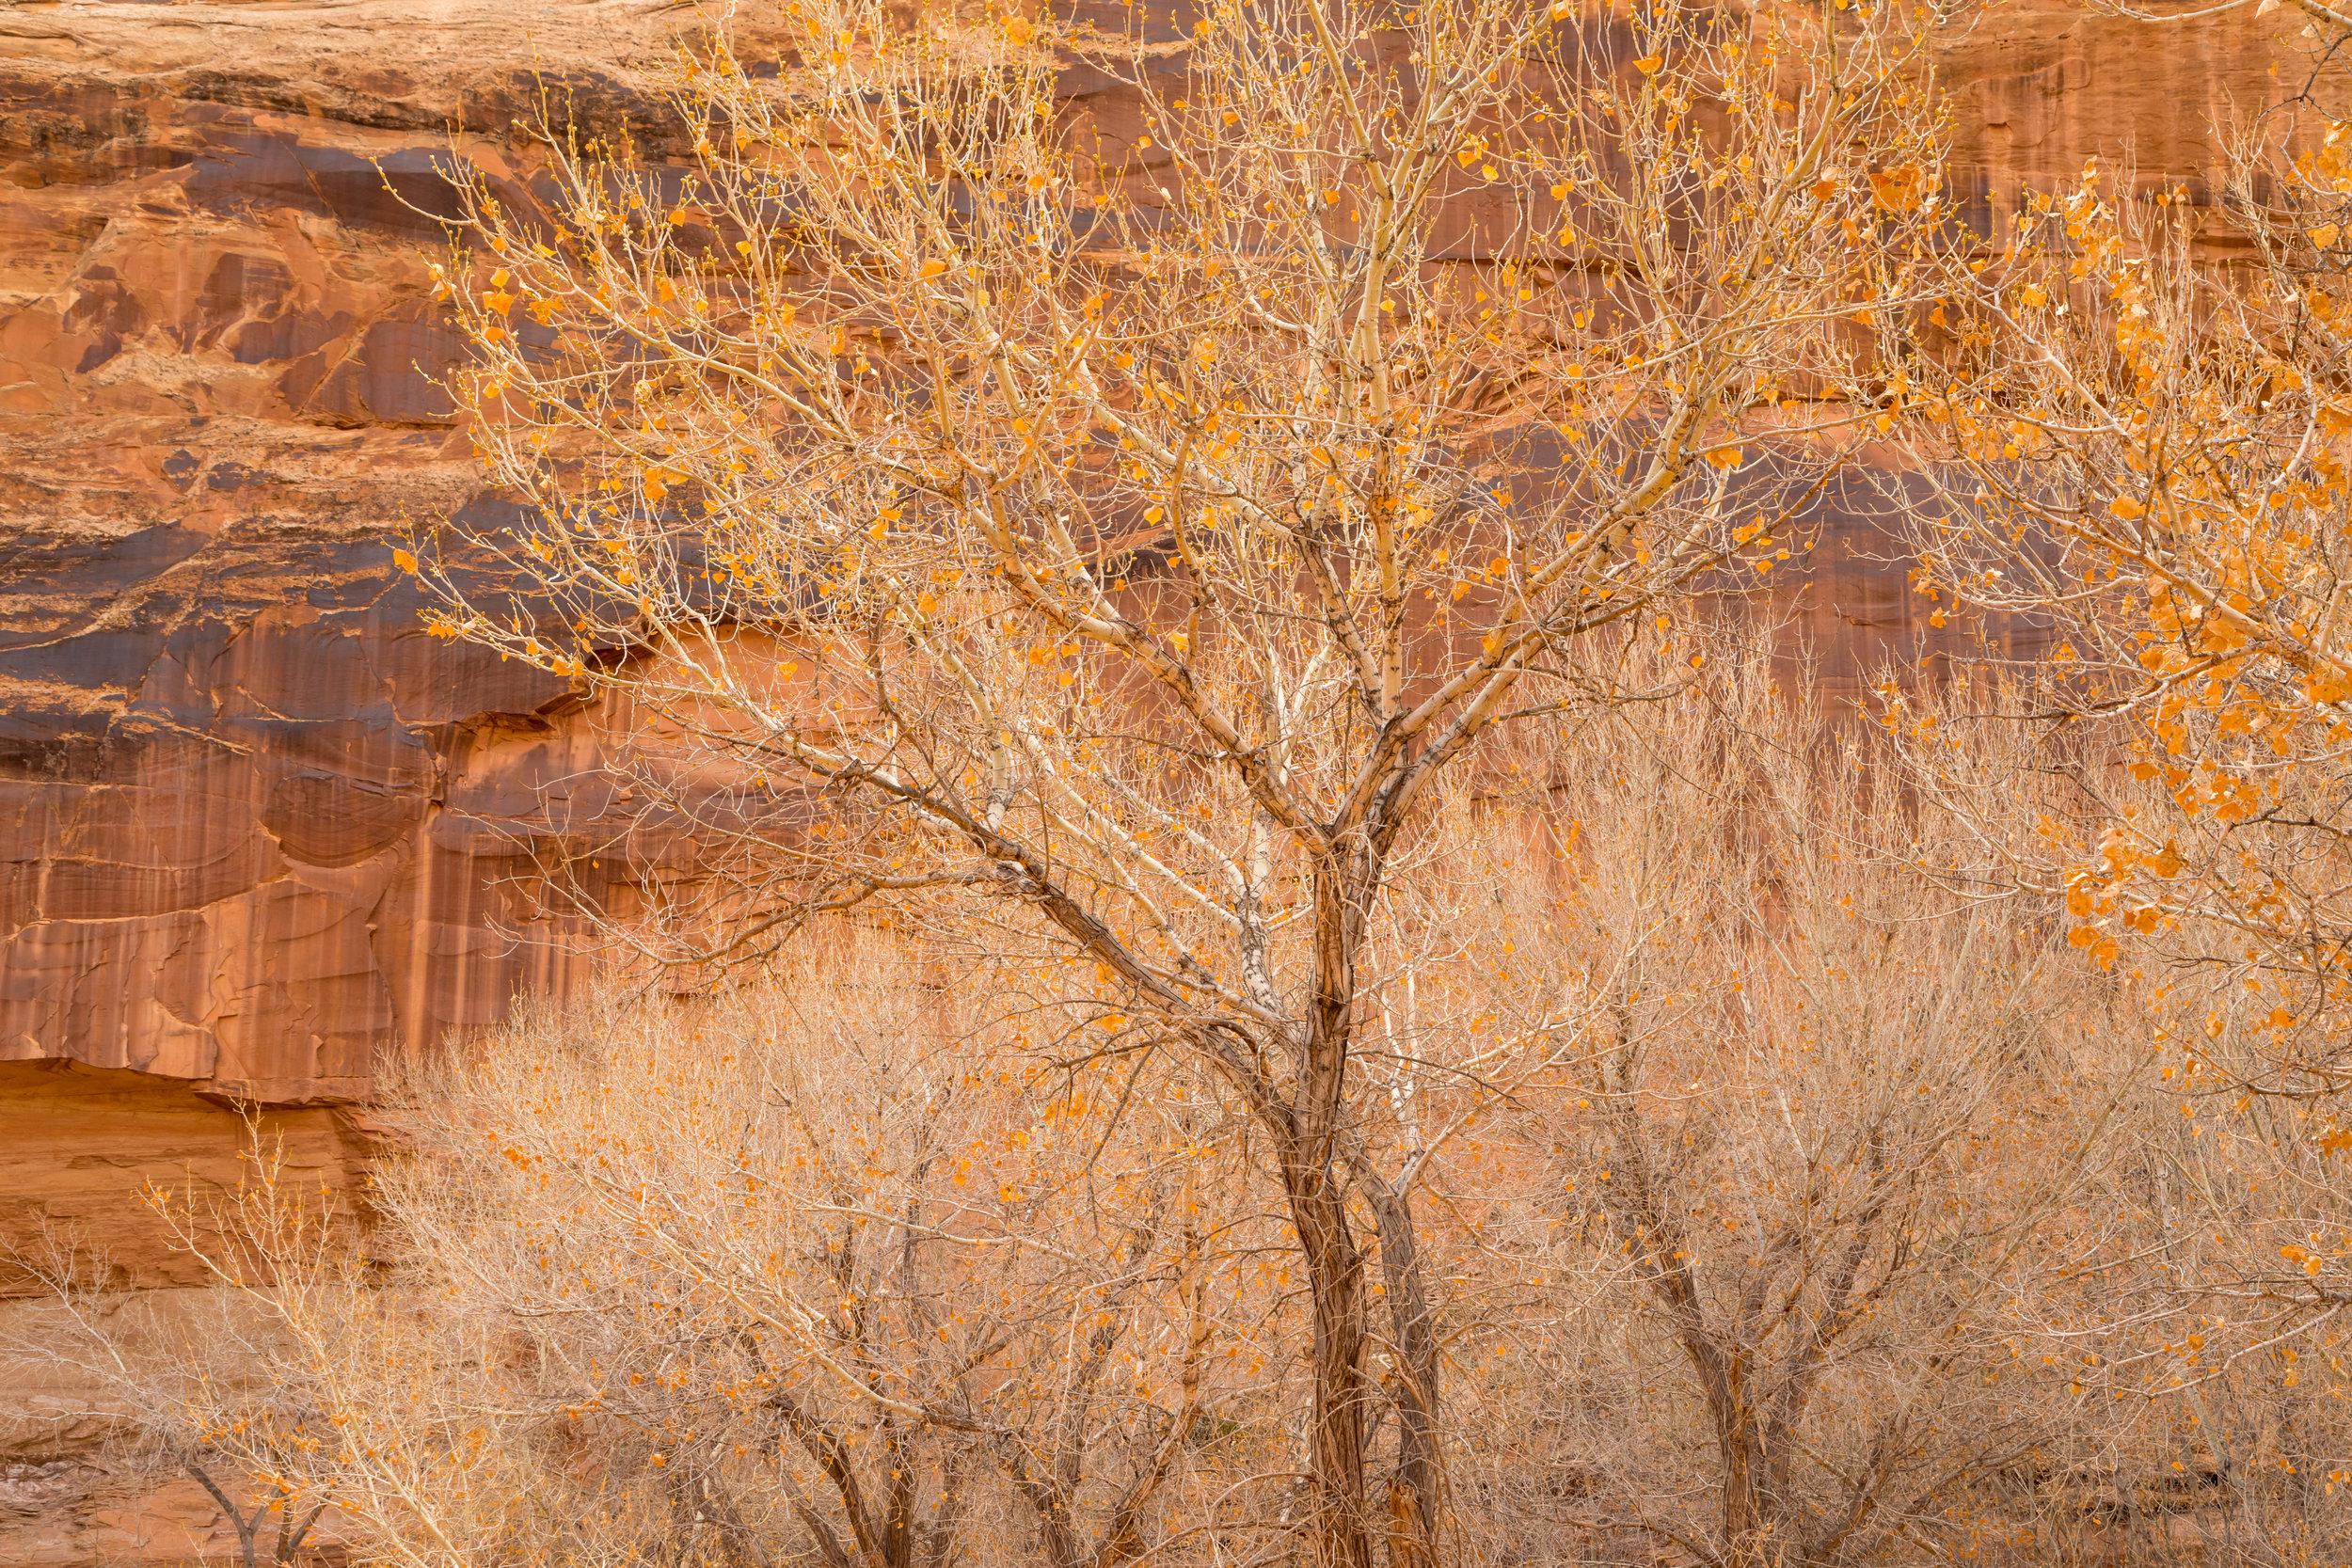 Horseshoe Canyon, Image # 8694